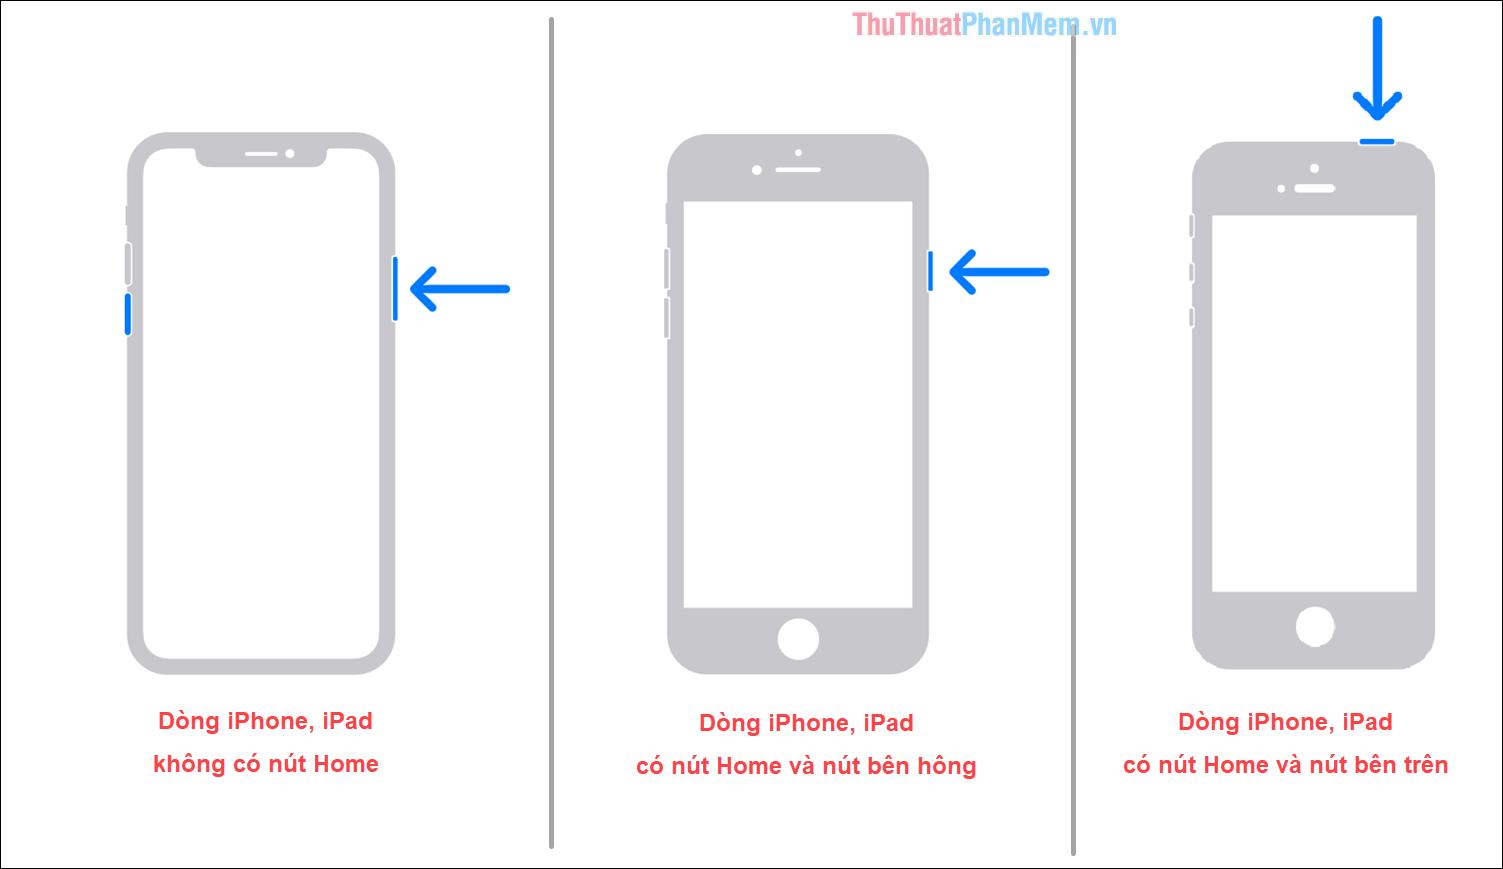 Tắt nguồn iPhone, iPad bằng phím vật lý